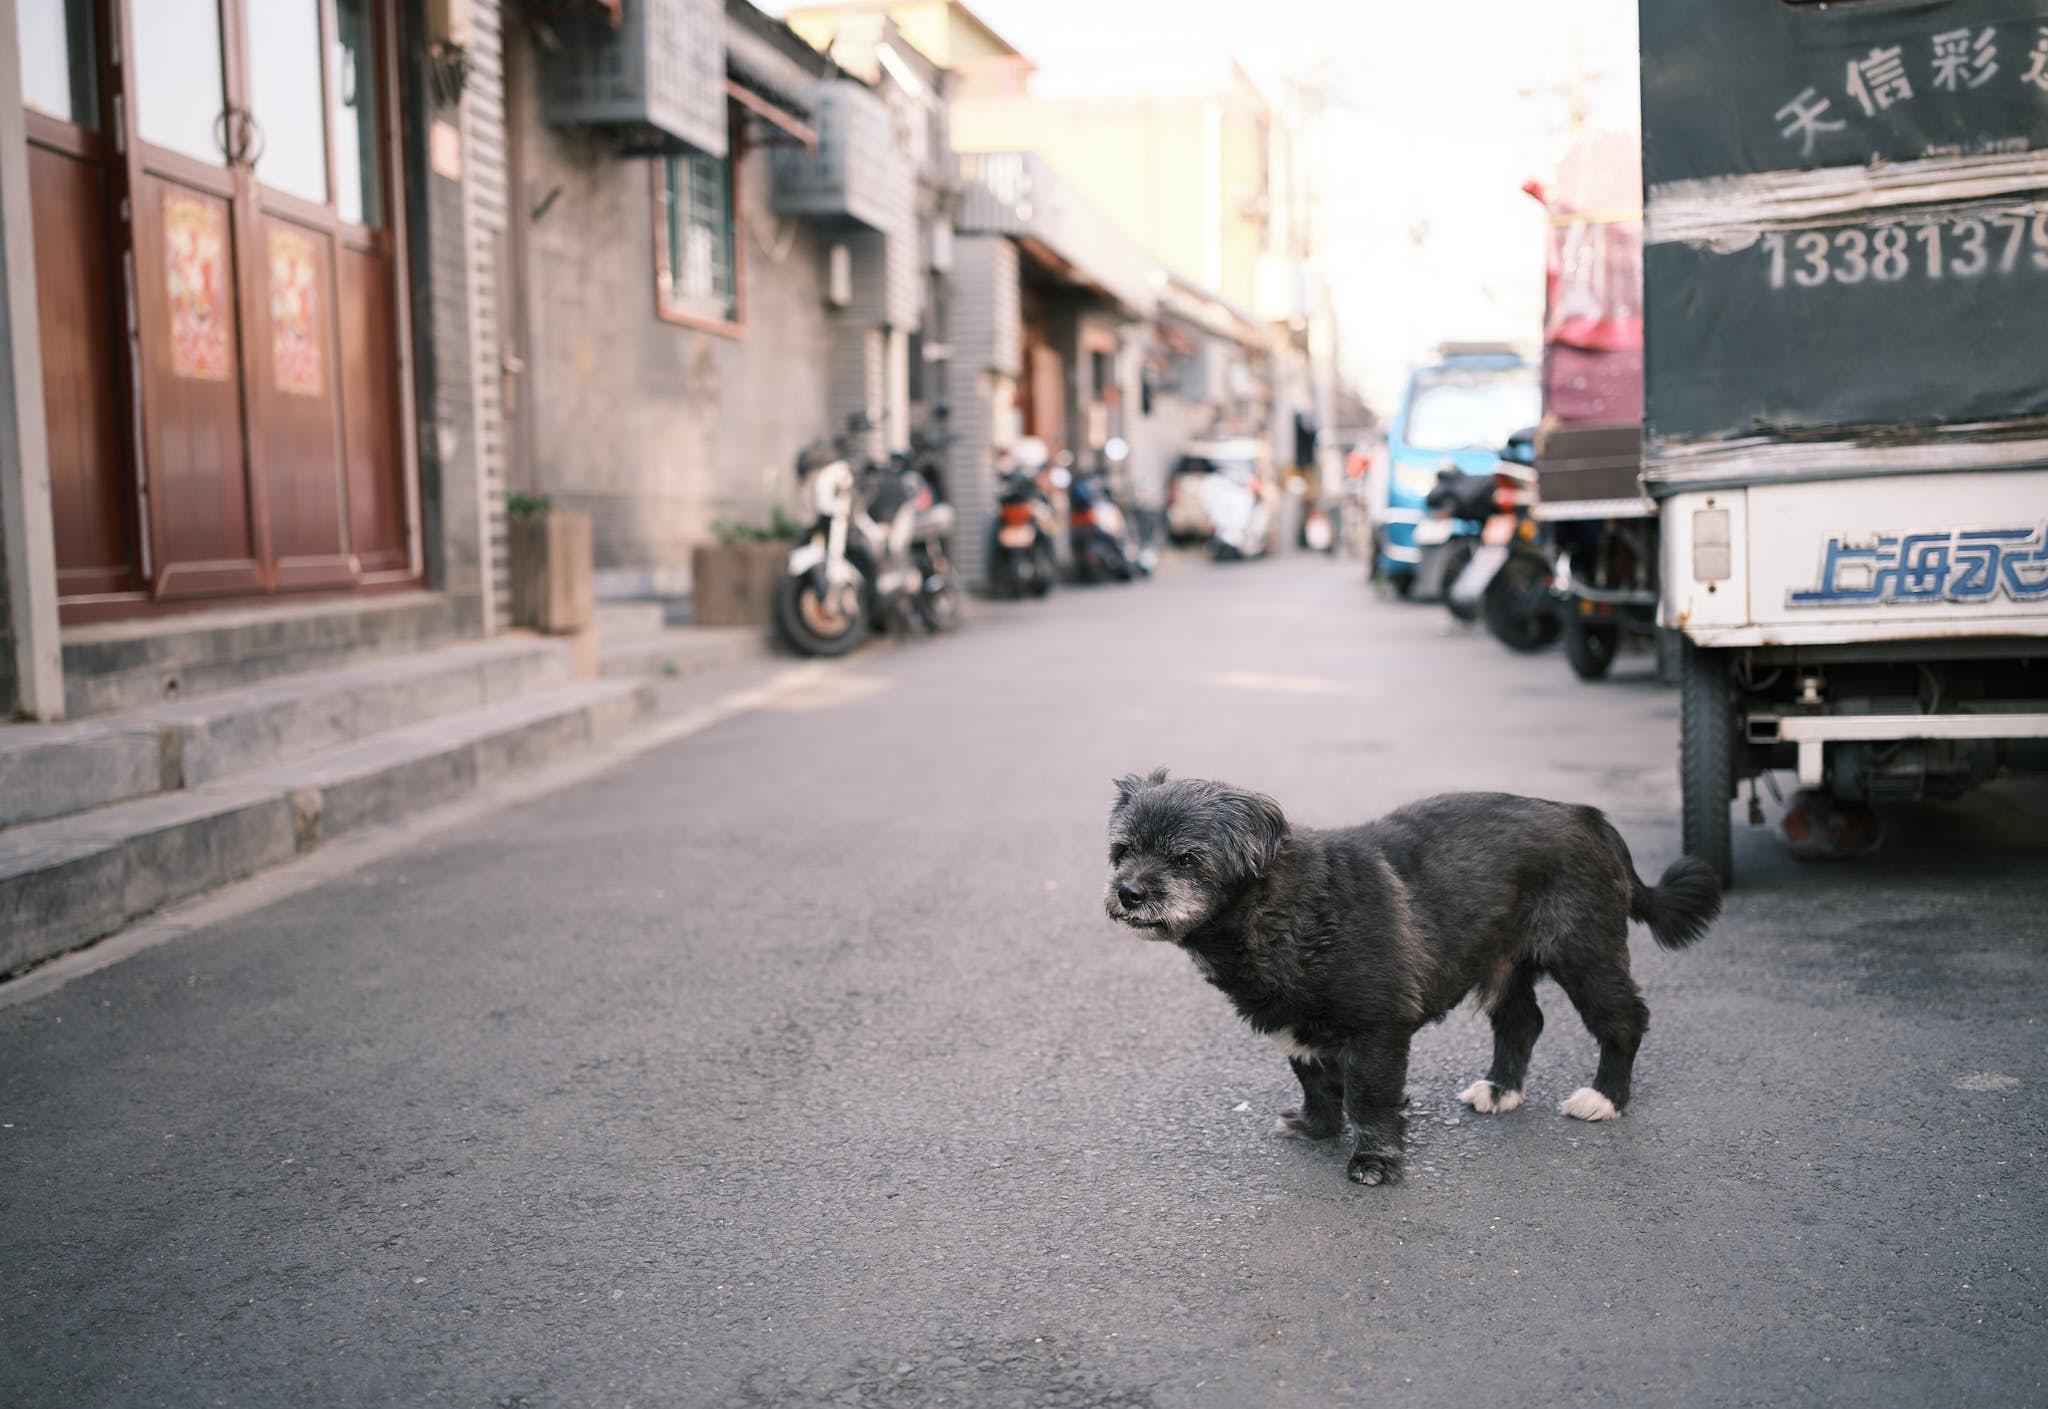 Typical Peking Dog hanging out in Qianmen Hutong